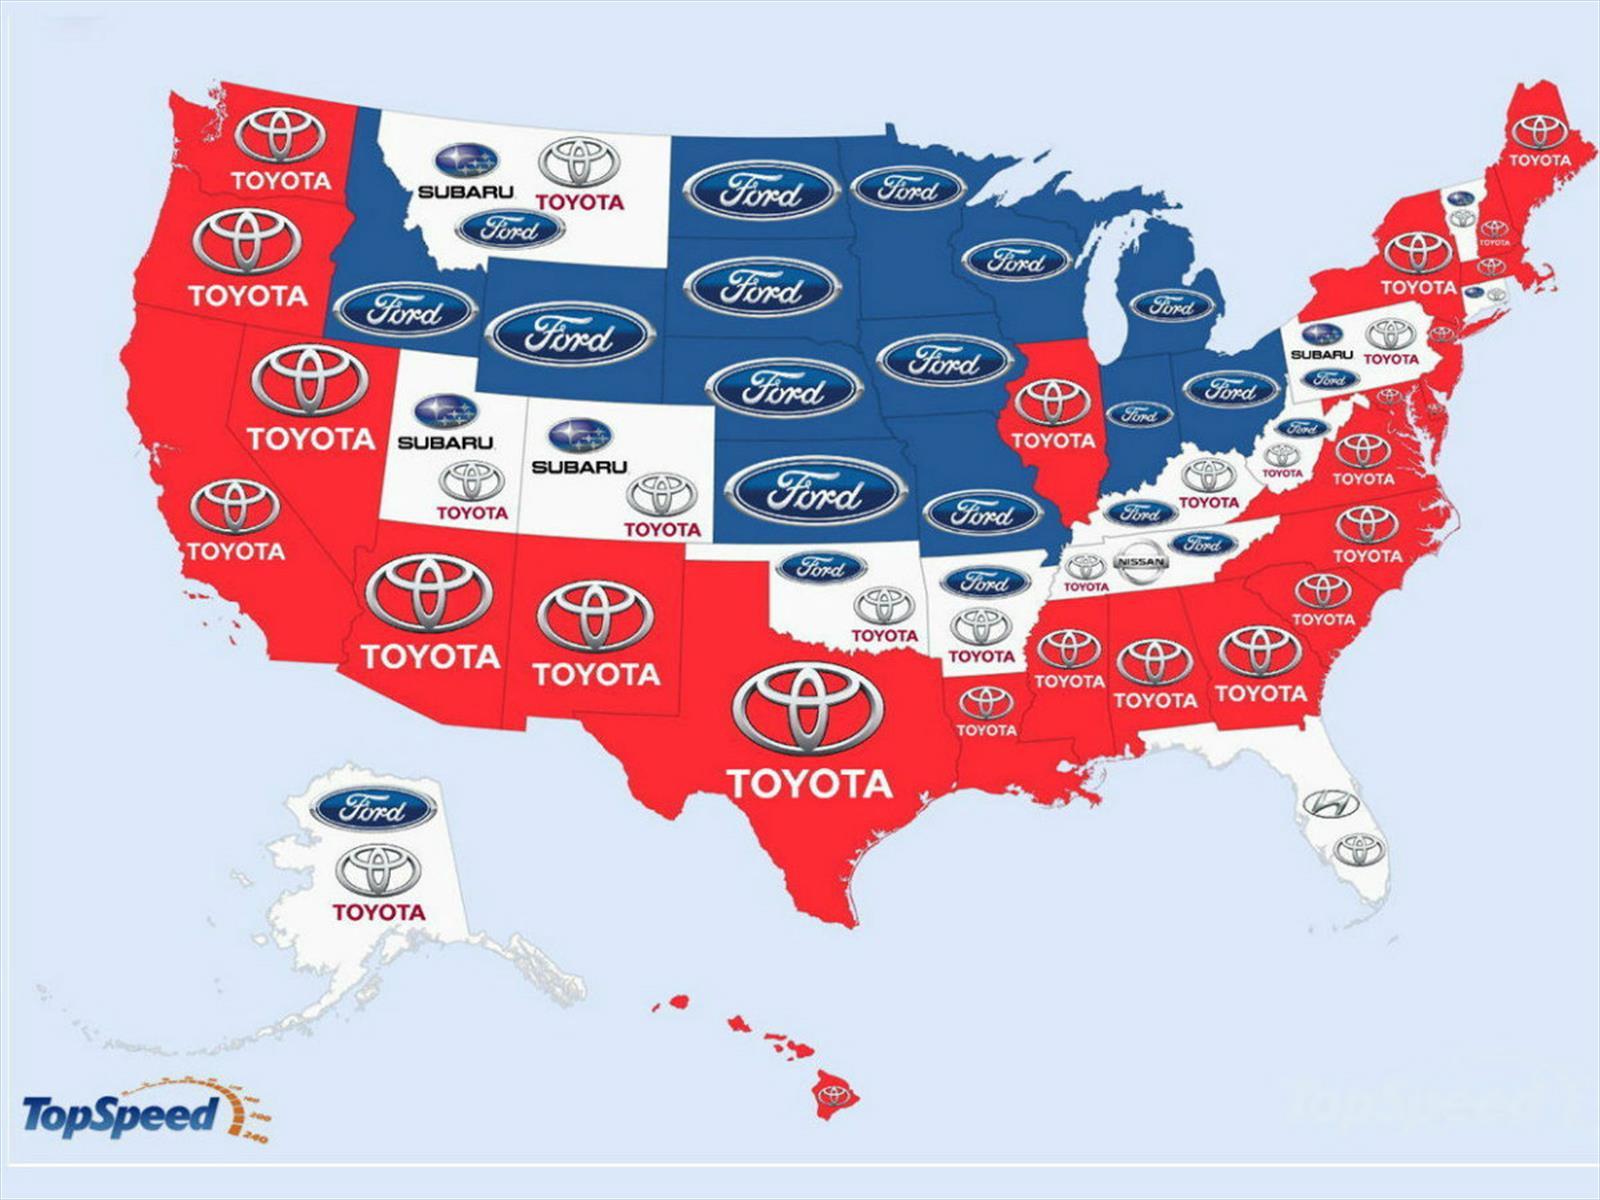 Subasta De Autos >> Las marcas de carros más buscadas en Google durante 2015 ...